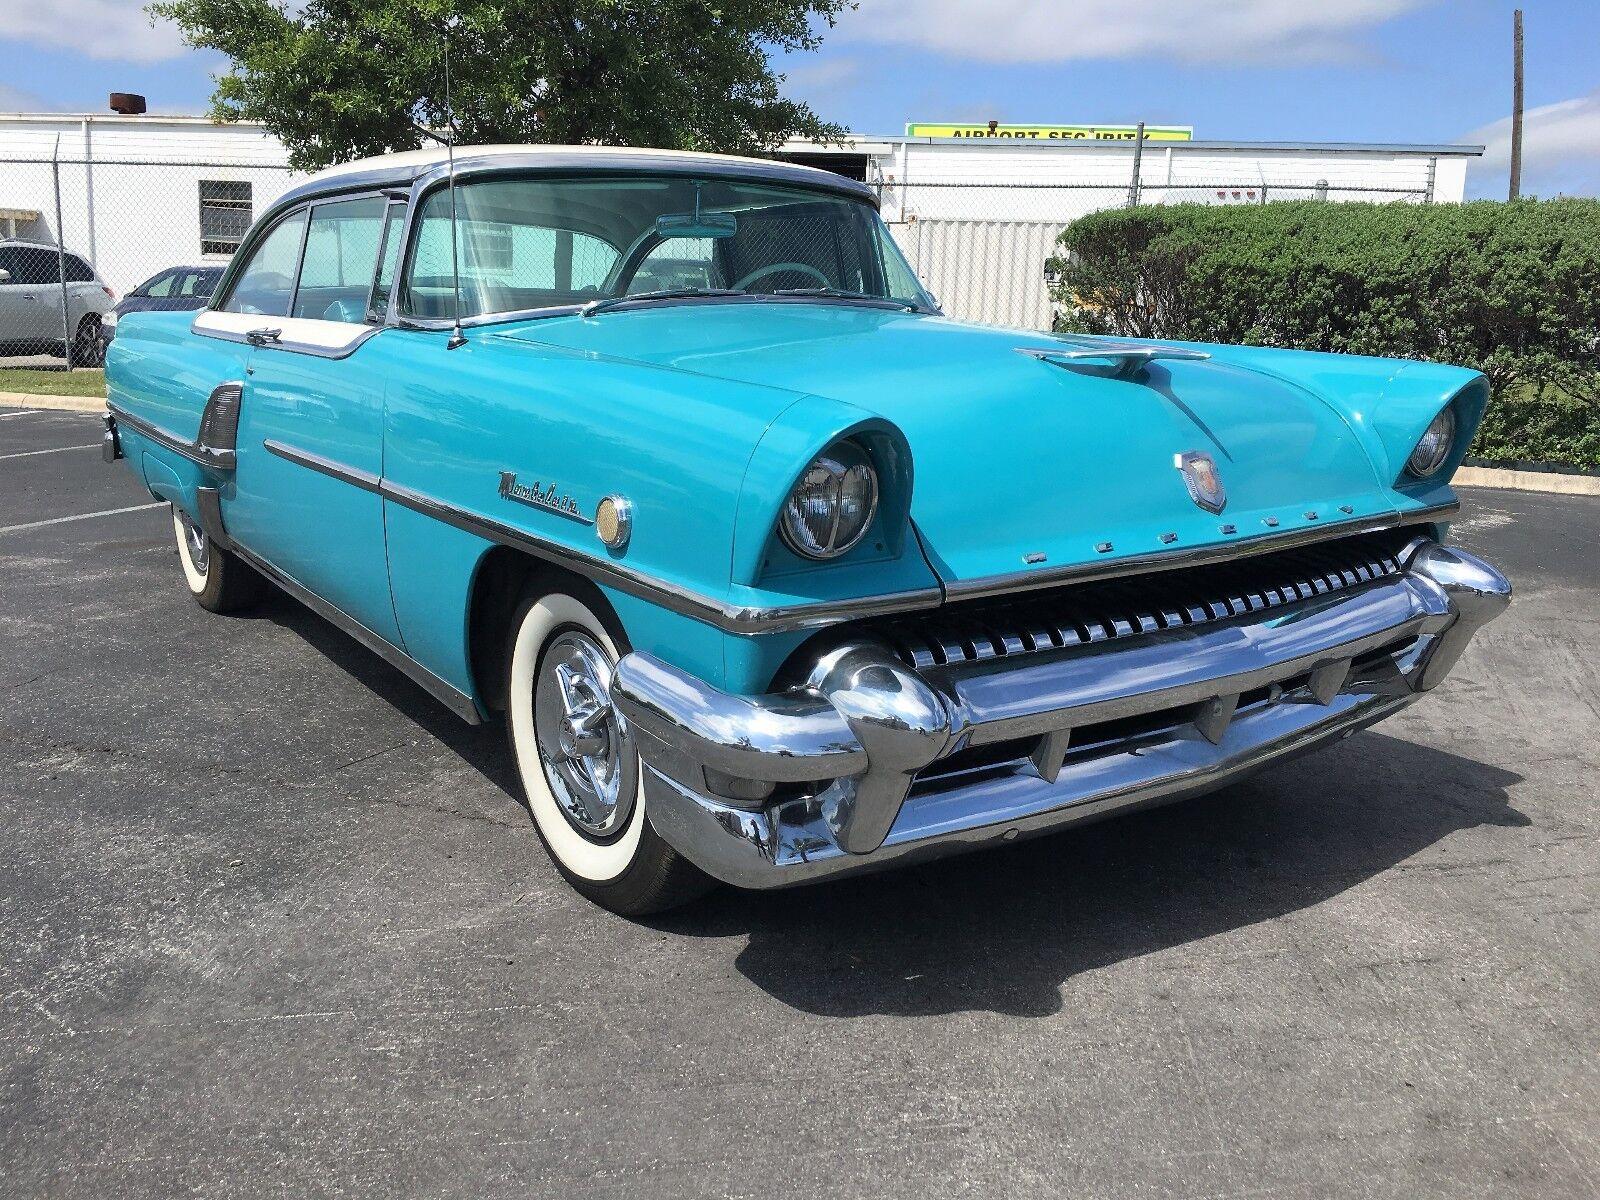 1955 Mercury Montclair 2 Door Hartop - Restored 1955 Mercury Monclair 2 Door Hardtop - Older Restoration - Very Nice!